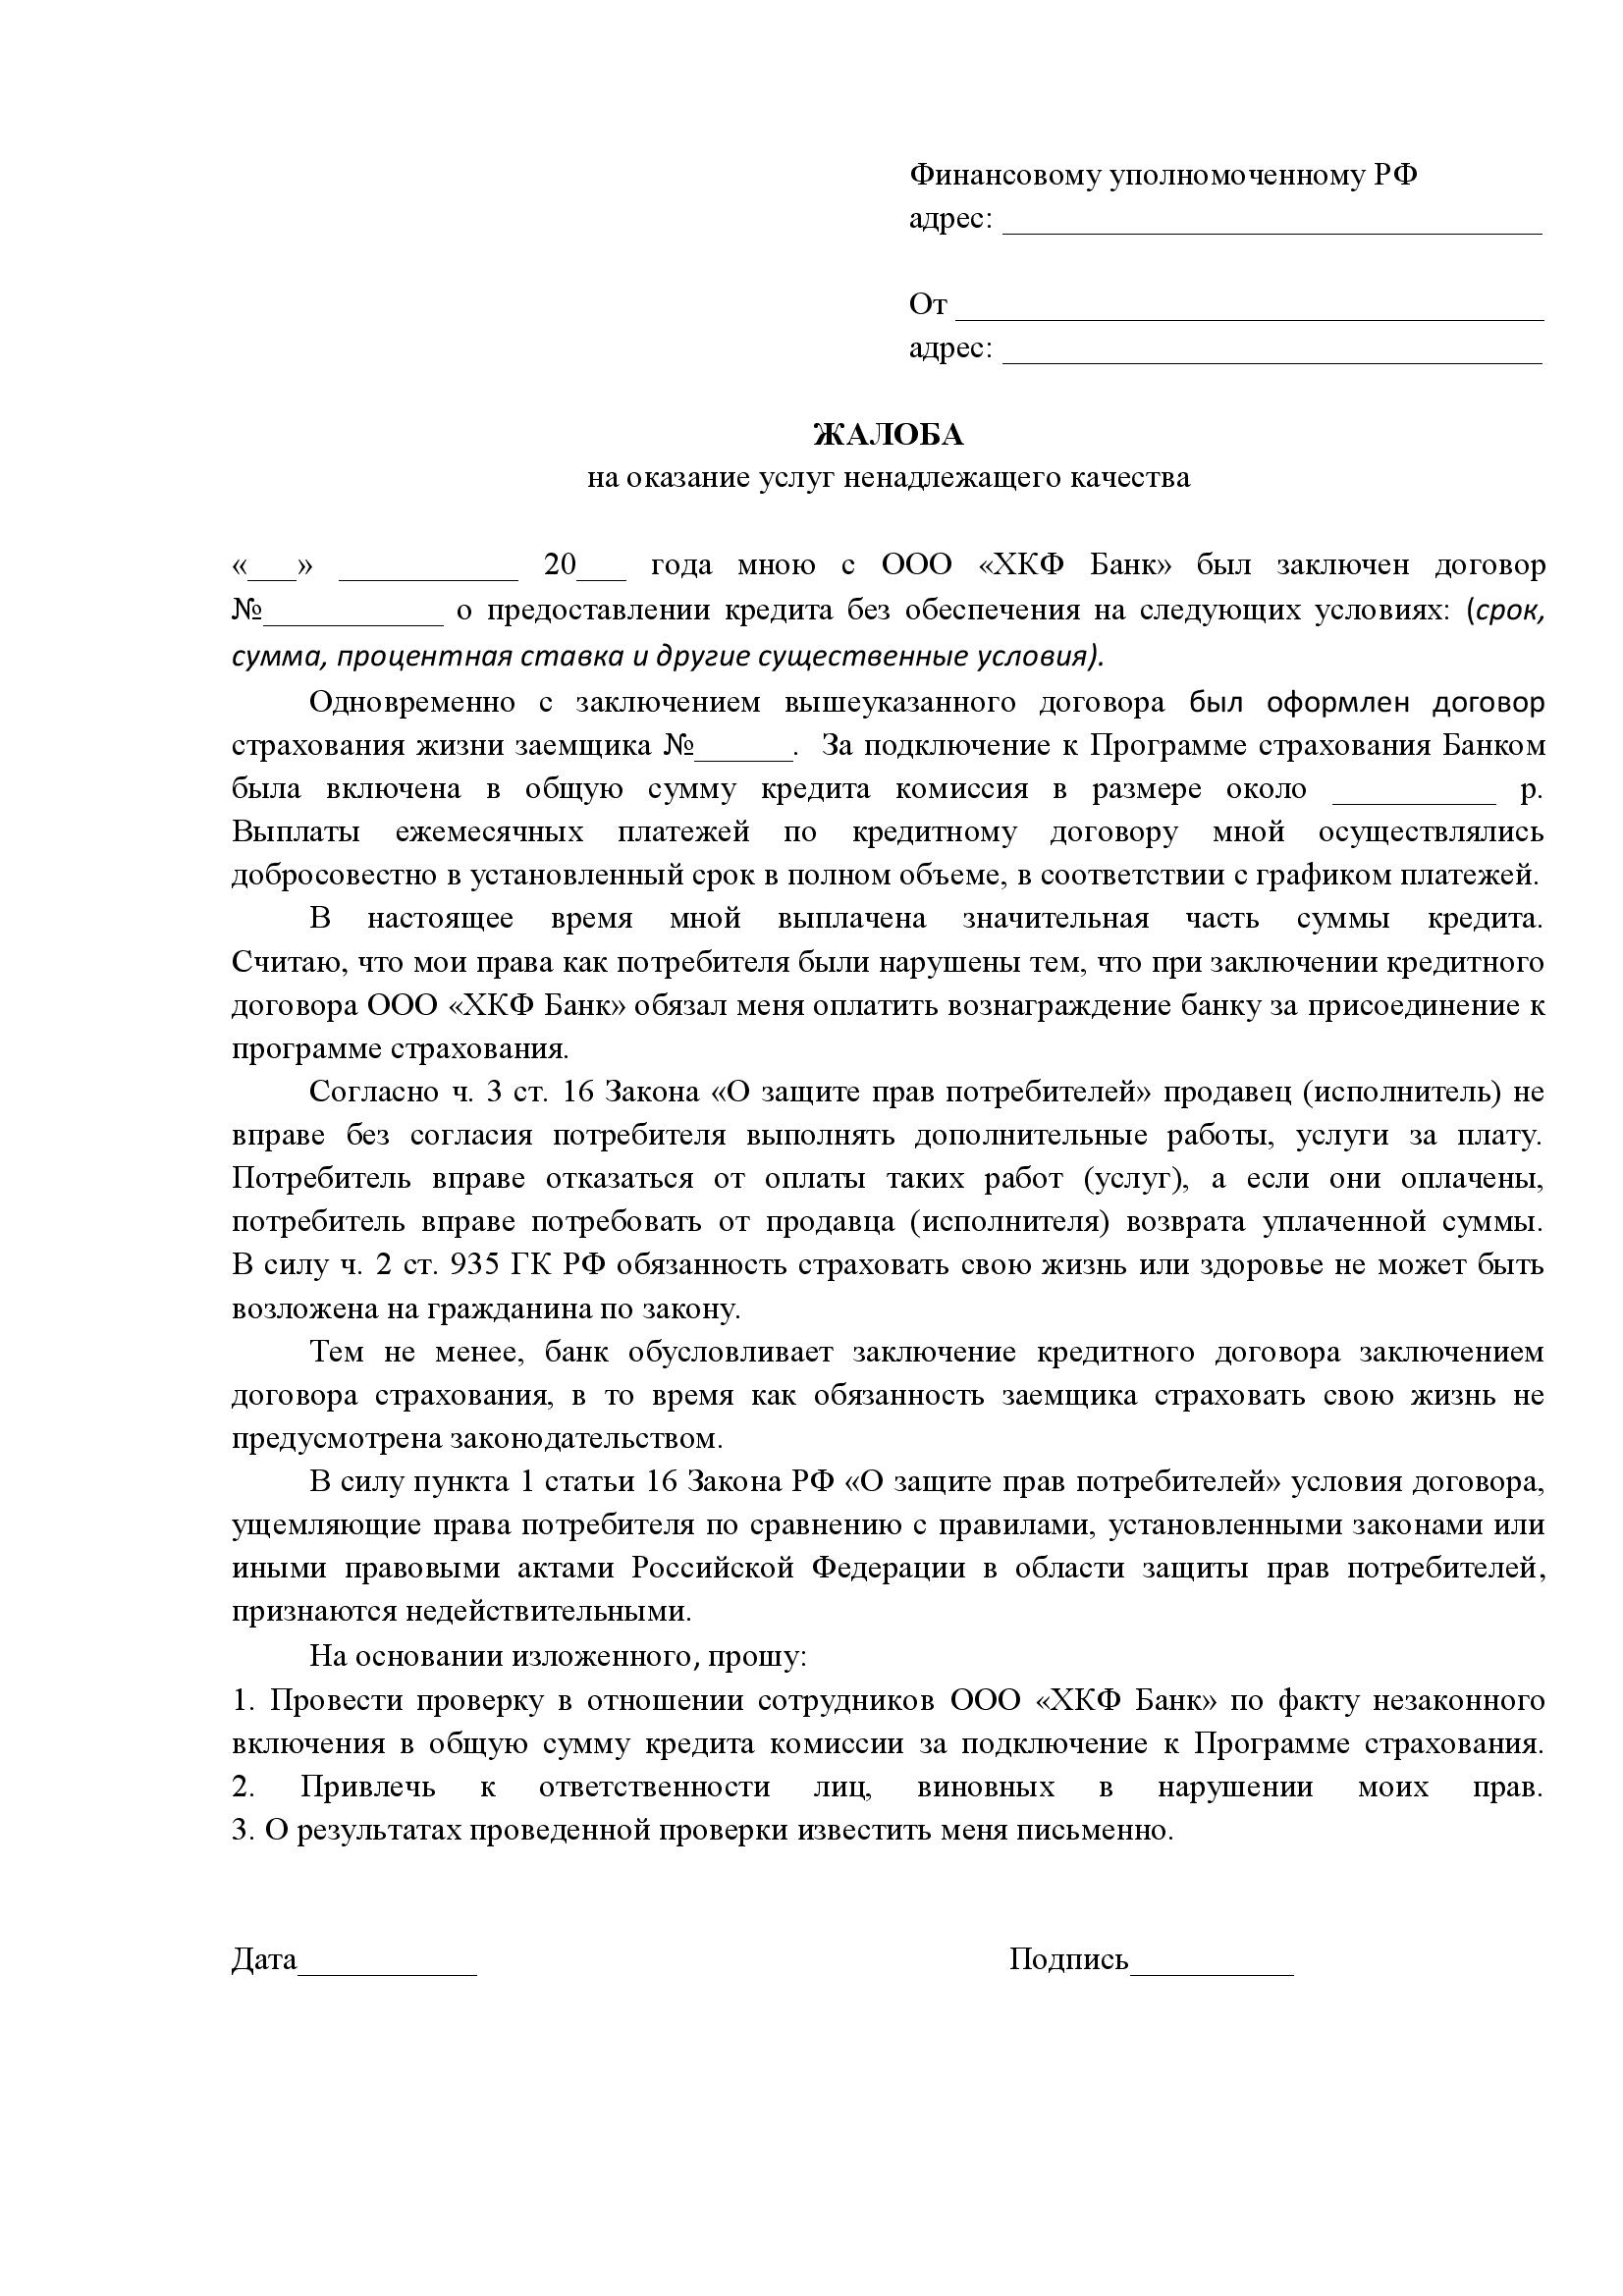 Жалоба на Хоум Кредит Банк (оказание услуг ненадлежащего качества)